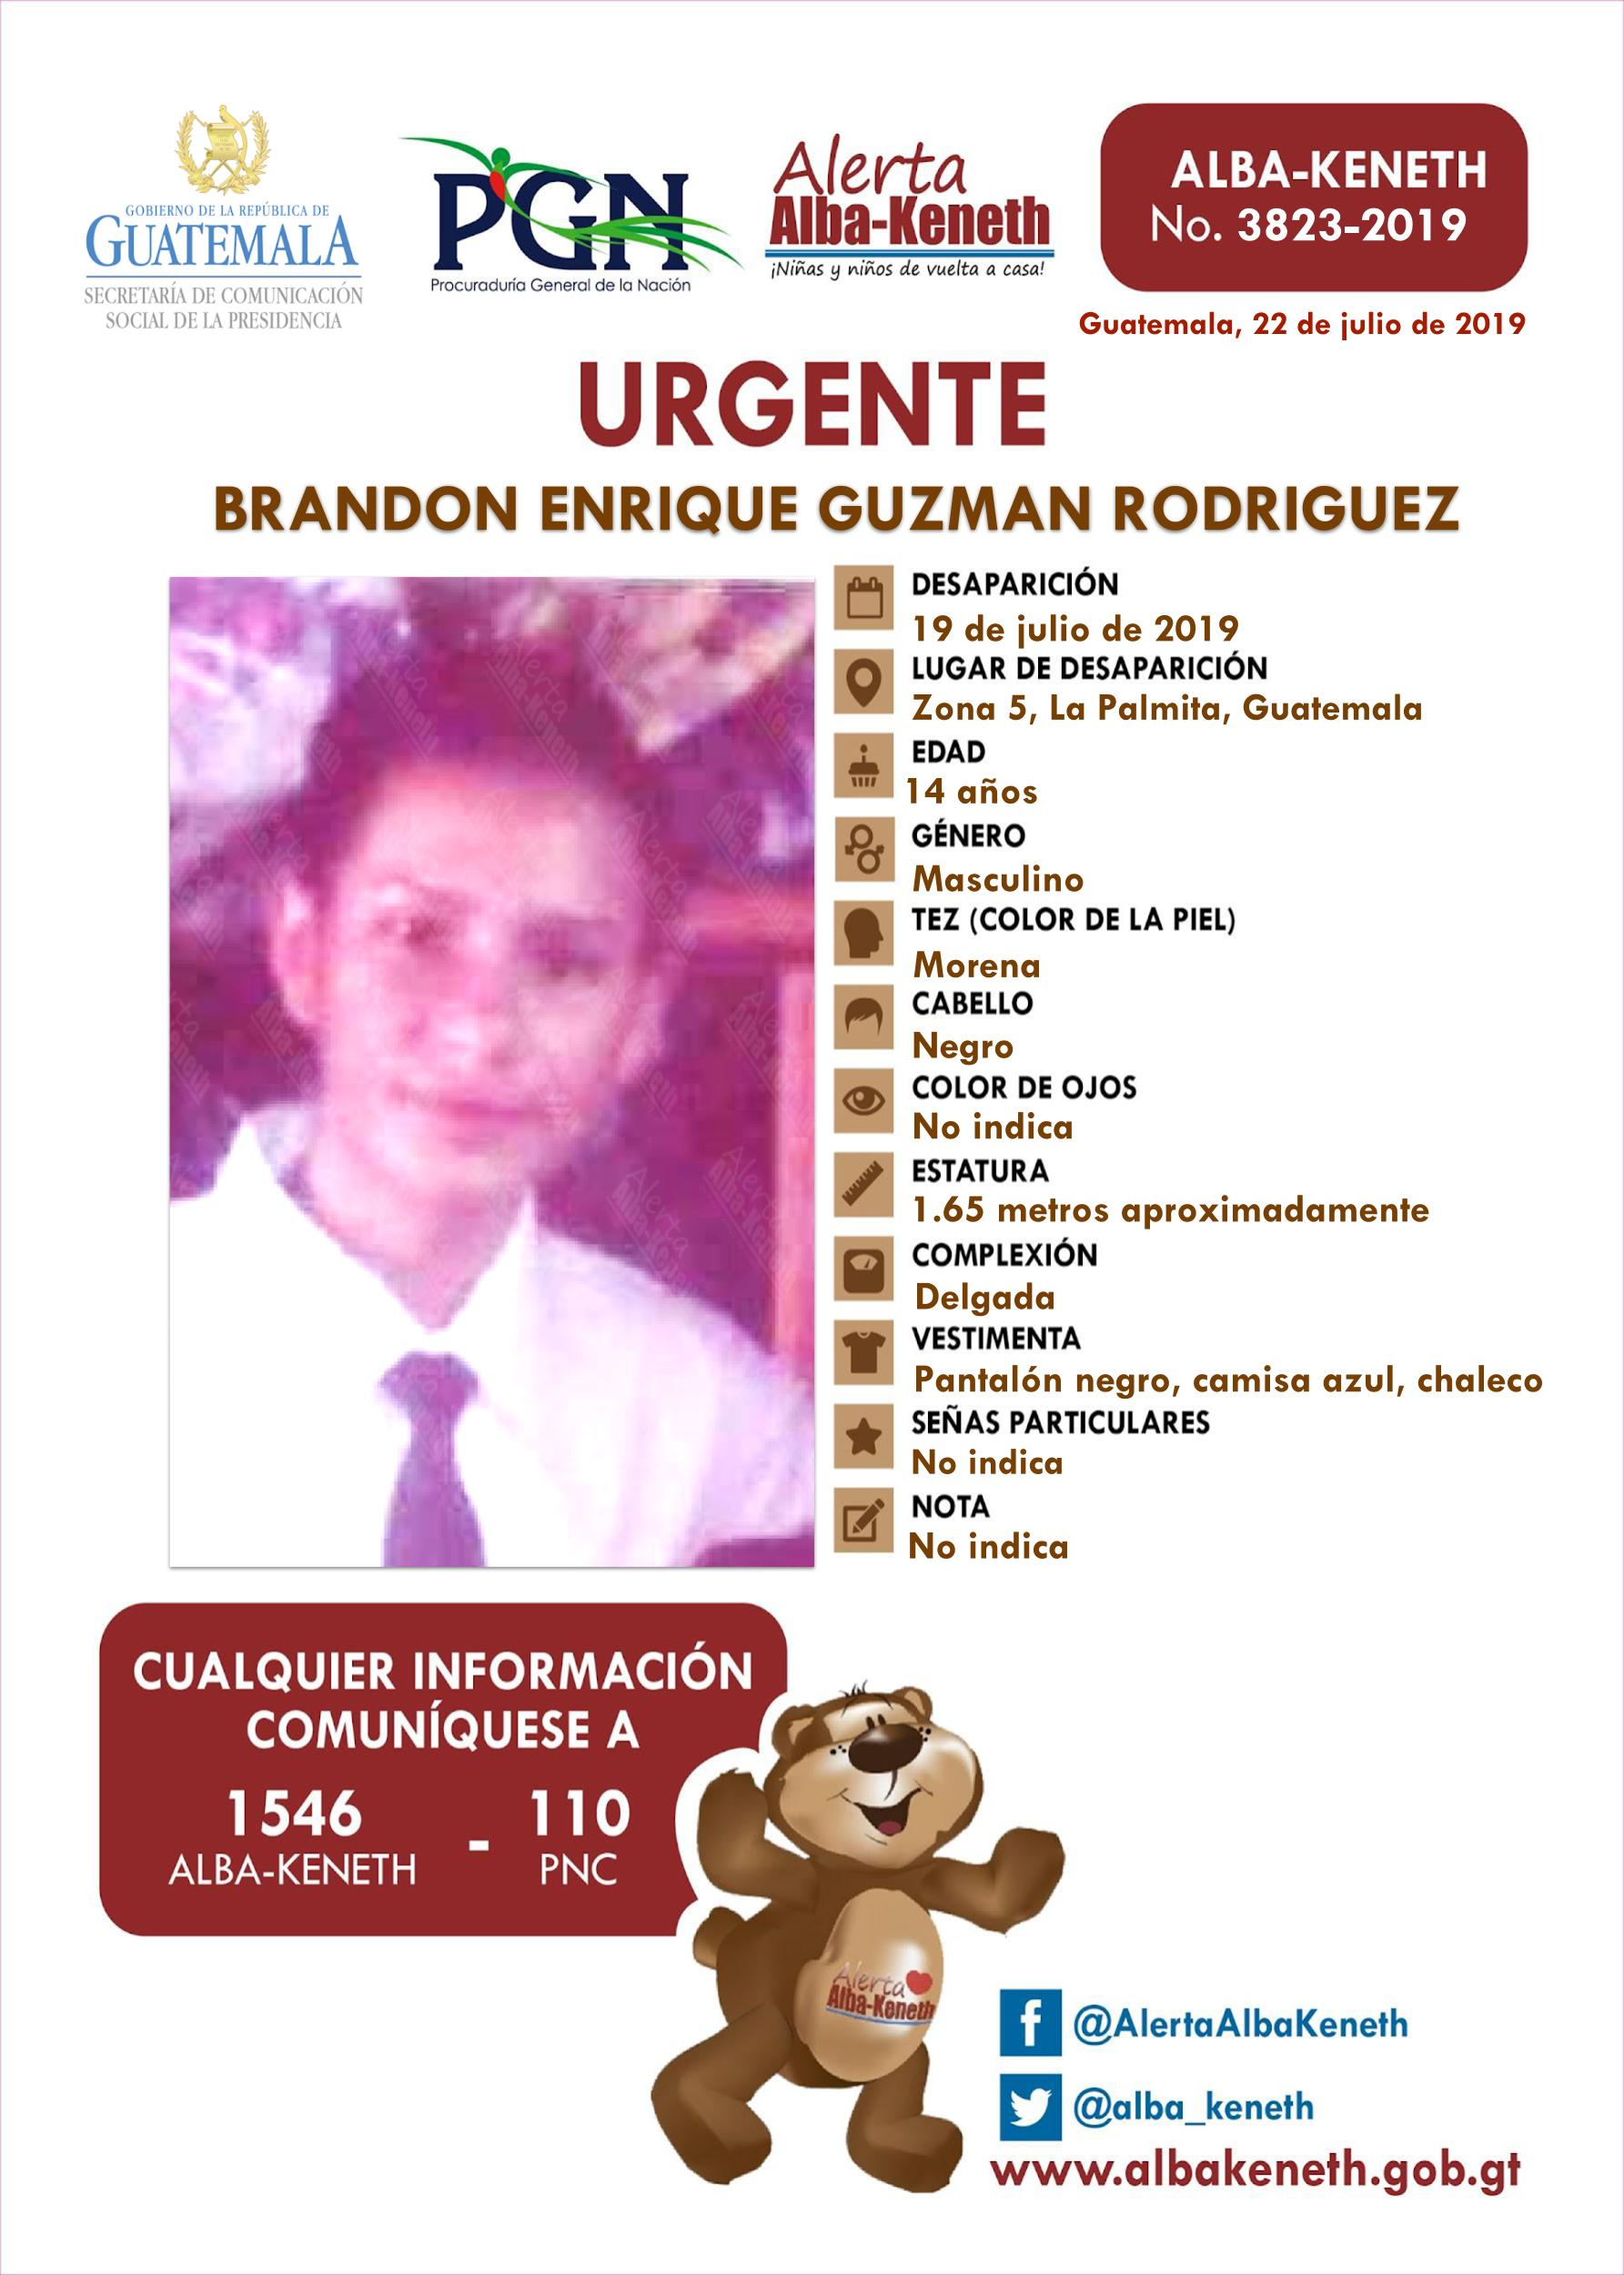 Brandon Enrique Guzman Rodriguez